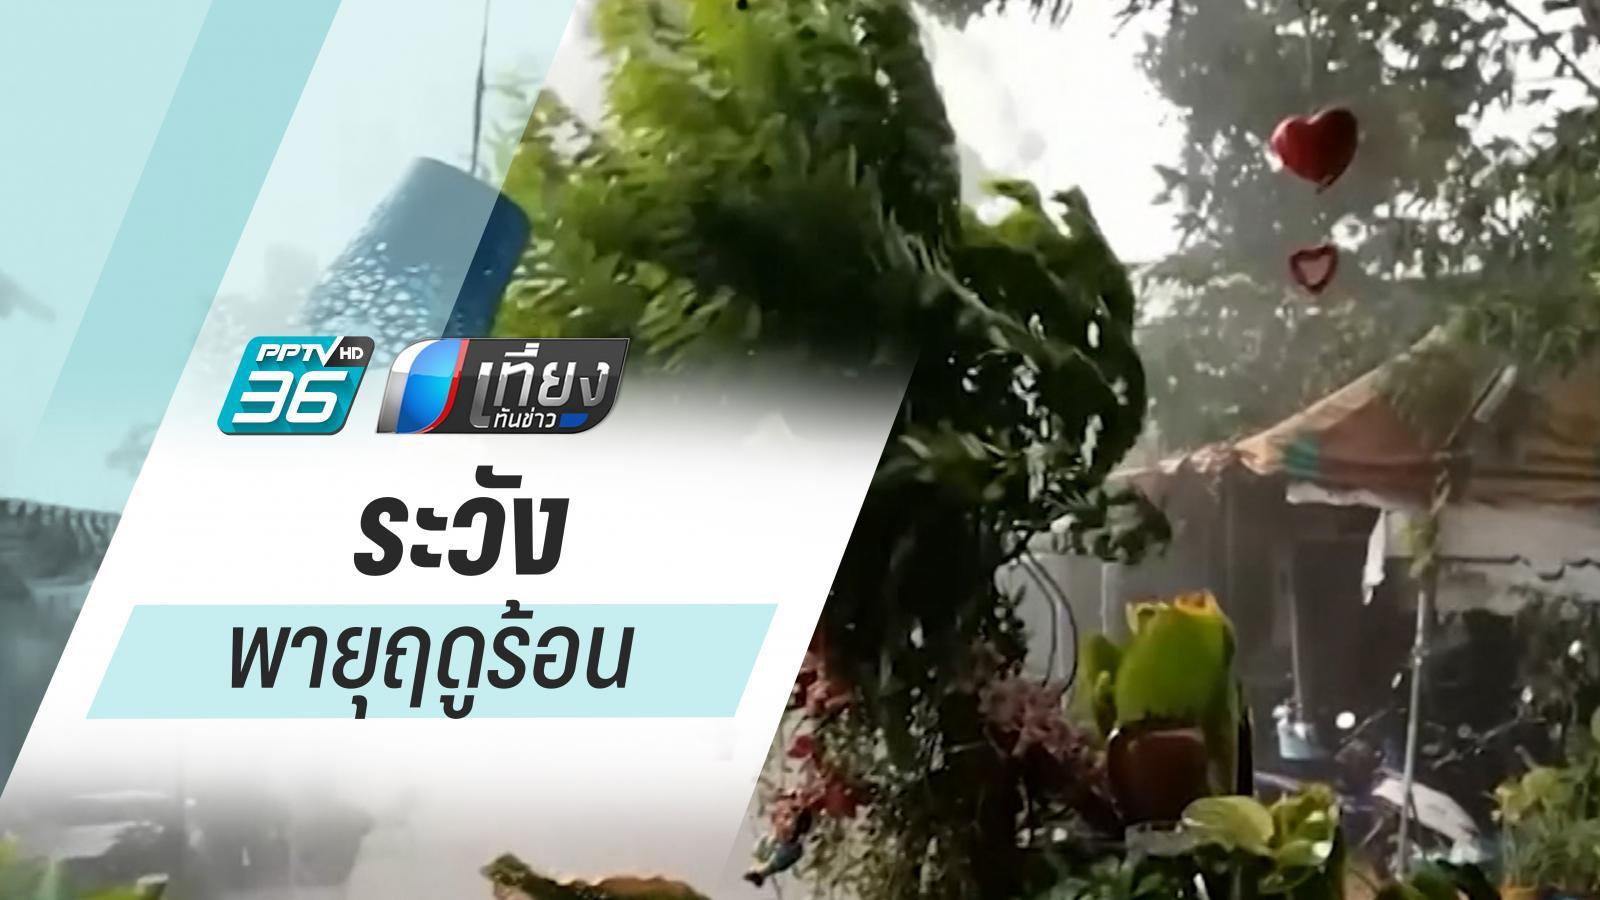 อุตุฯ เตือน พายุฤดูร้อนถล่มไทย 3-5 มีนา นี้